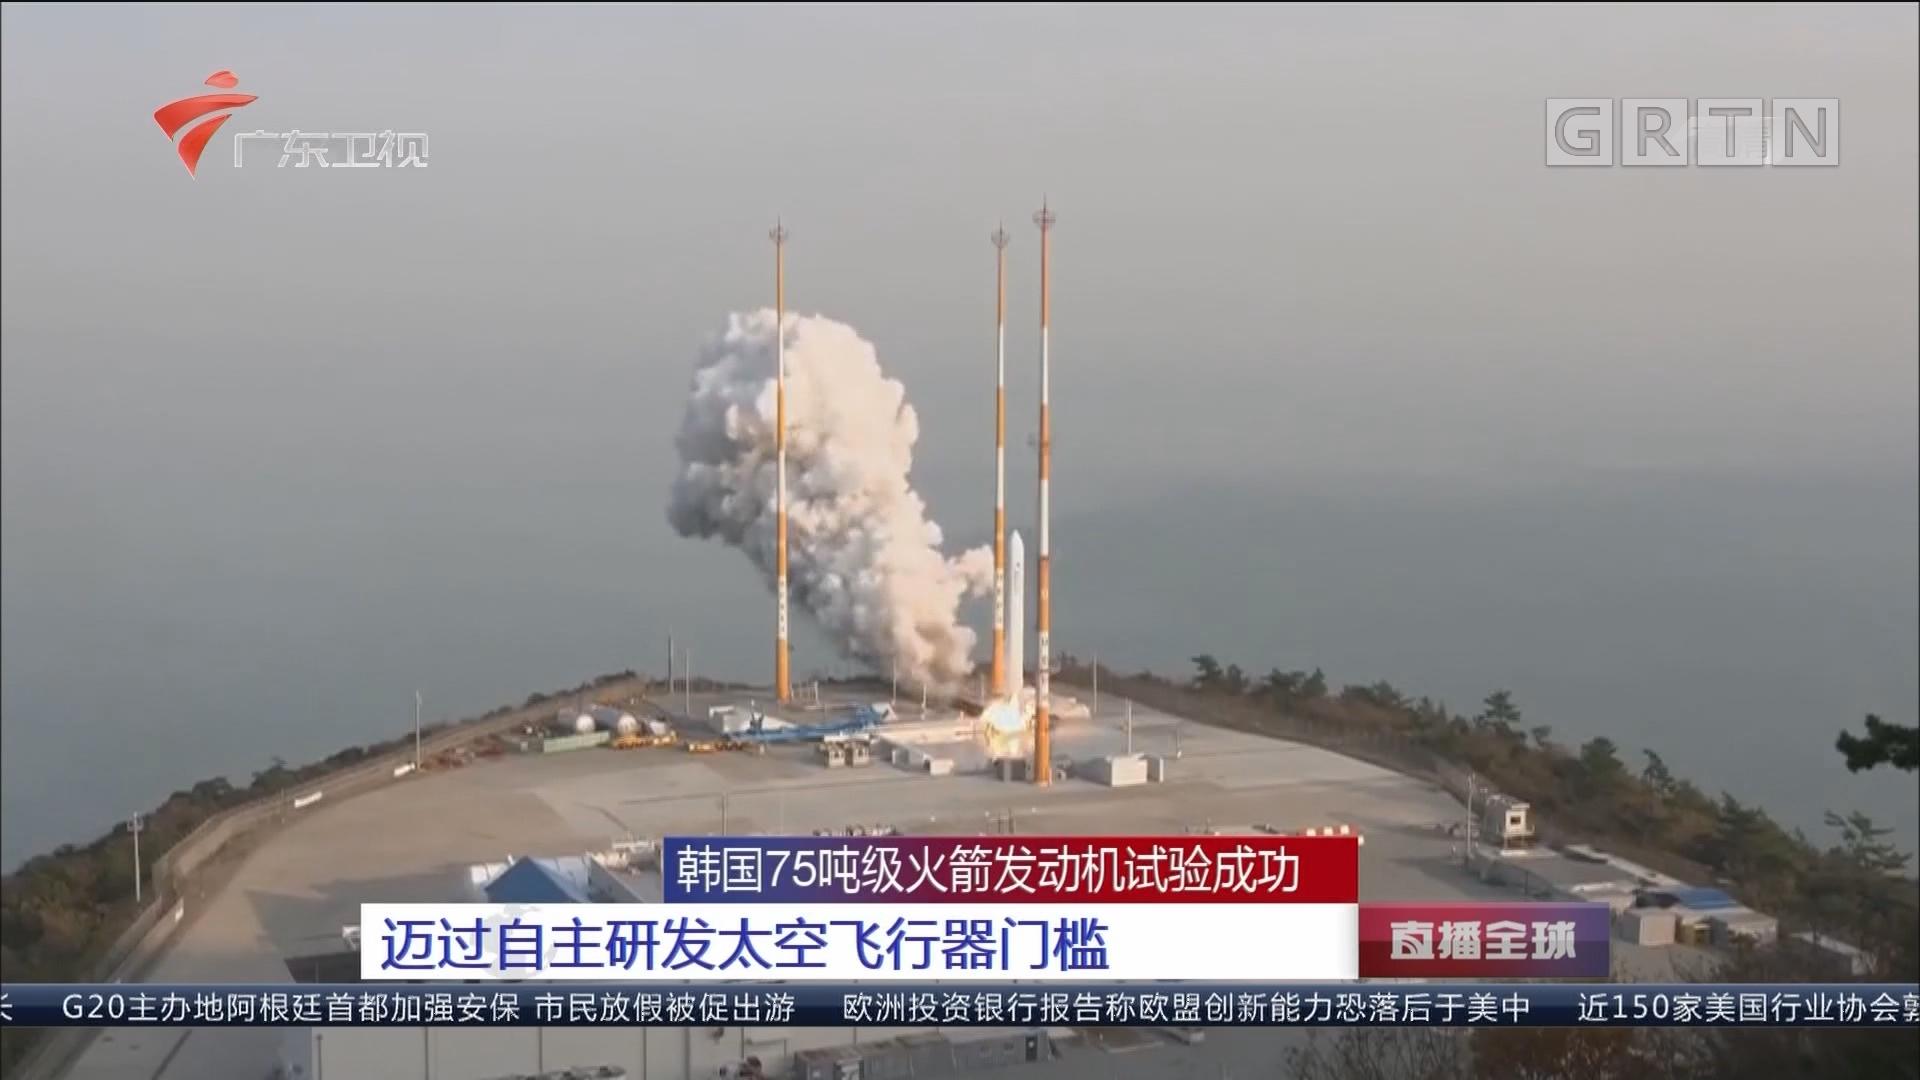 韩国75吨级火箭发动机试验成功 迈过自主研发太空飞行器门槛